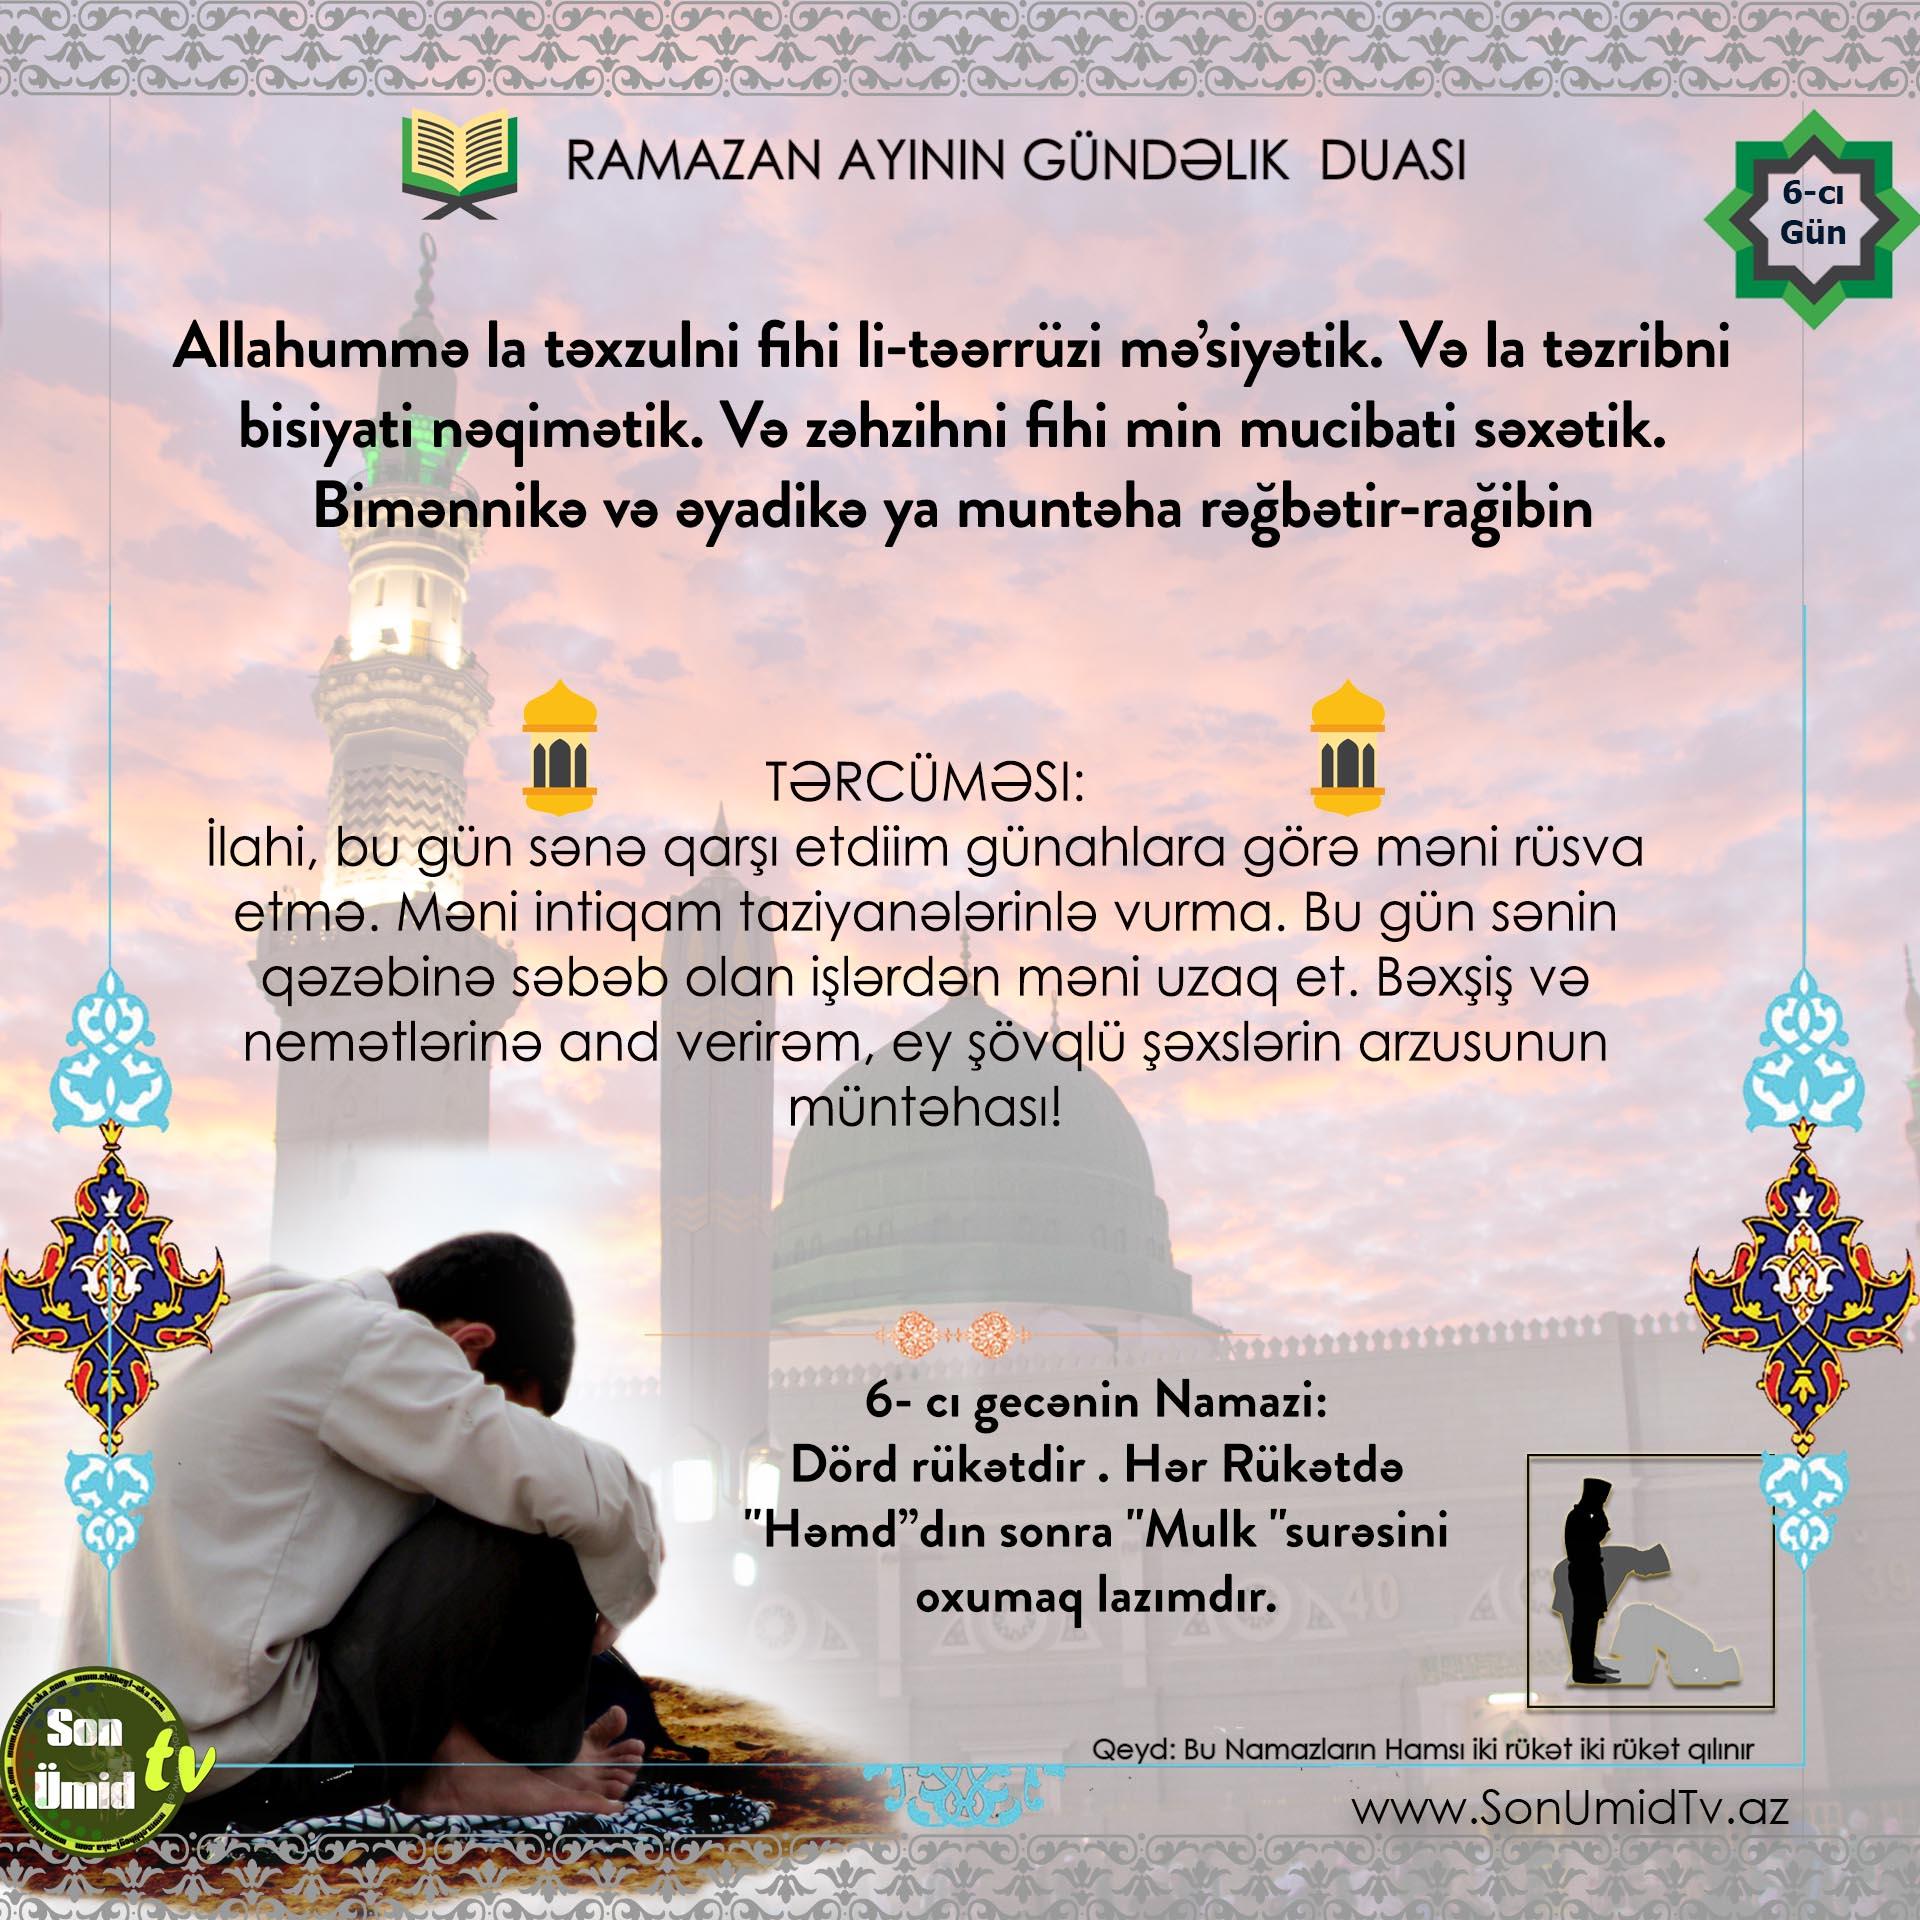 Ramazan  6-cı gününün duası və Namazı